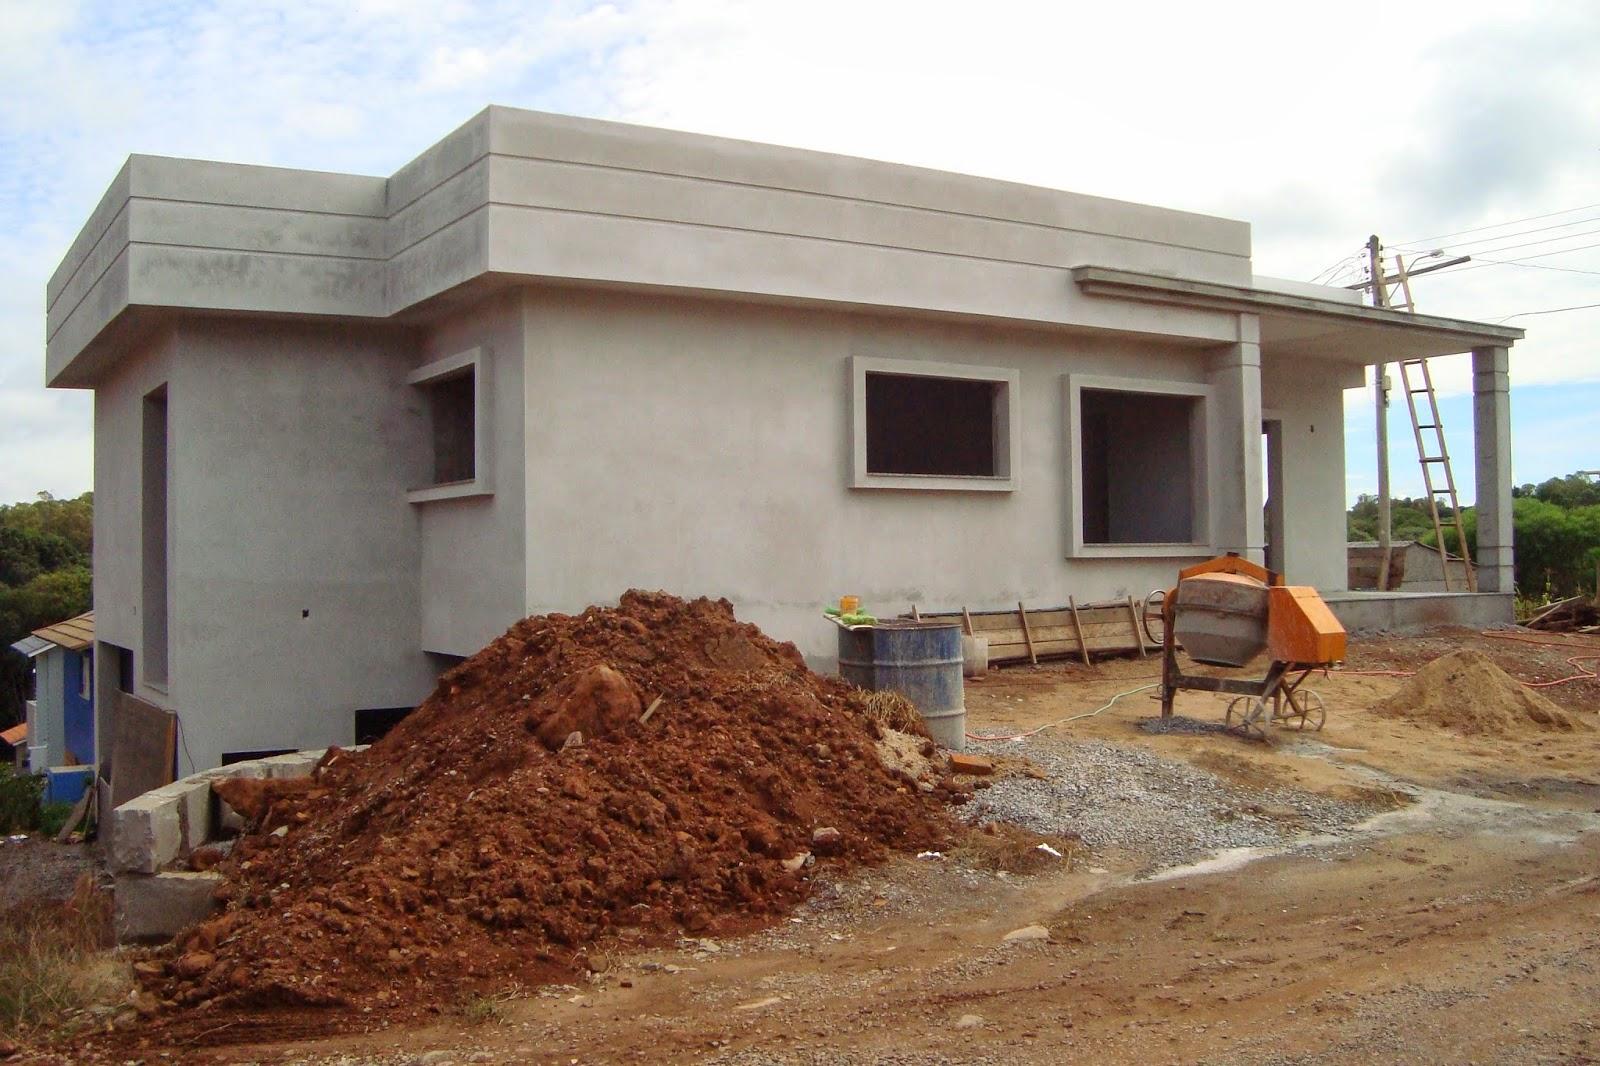 Casa da Claudia: Atualizando a Obra Reboco Parte Interna Finalizado #693D29 1600x1066 Banheiro Com Janela Interna